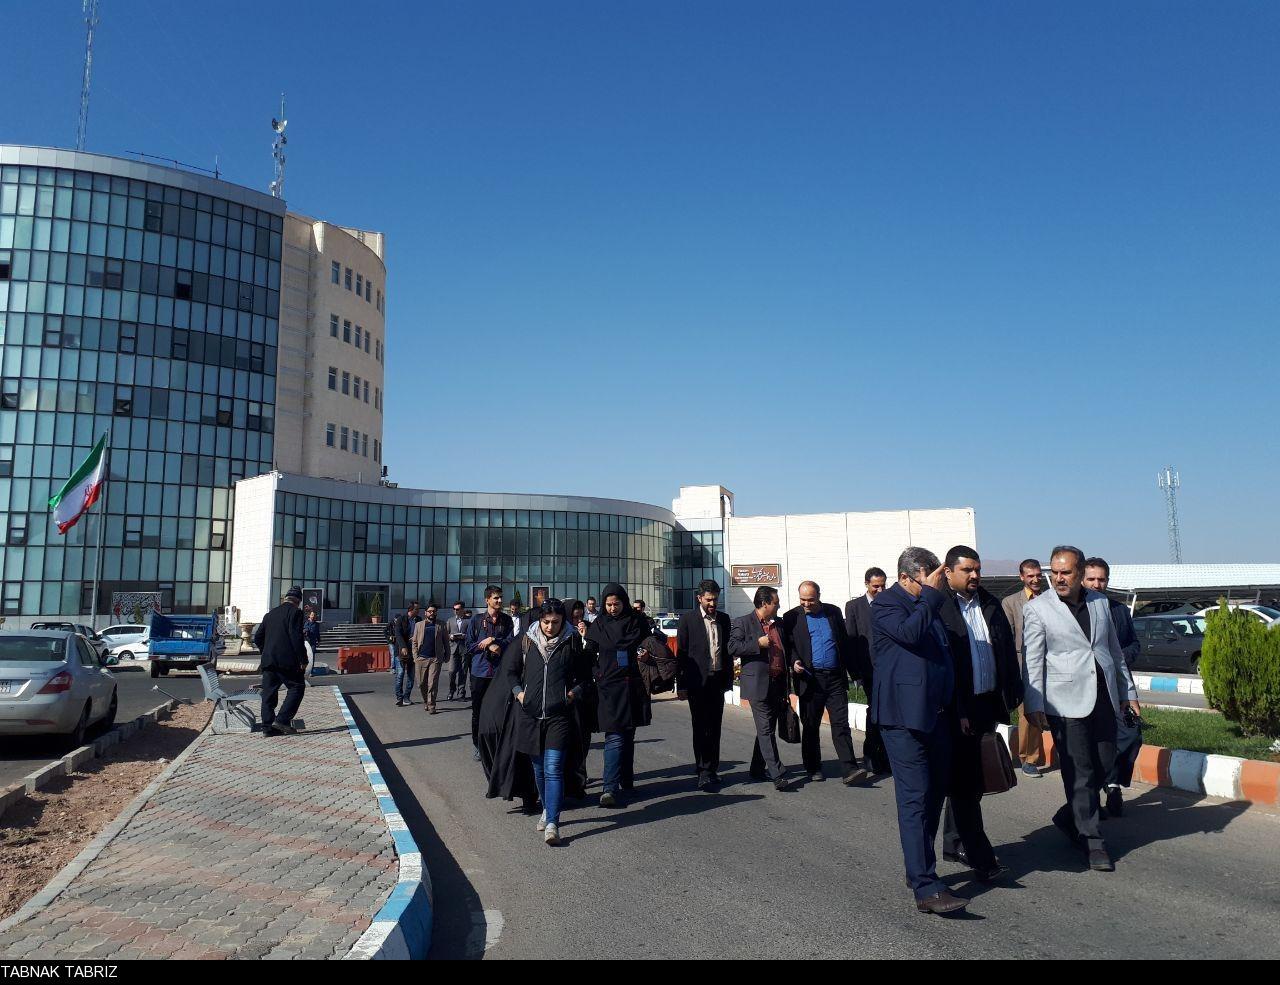 بازدید سرپرستان خبرگزاری ها و مدیران مسئول پایگاه های خبری استان آذربایجان شرقی از منطقه آزاد ارس+تصاویر